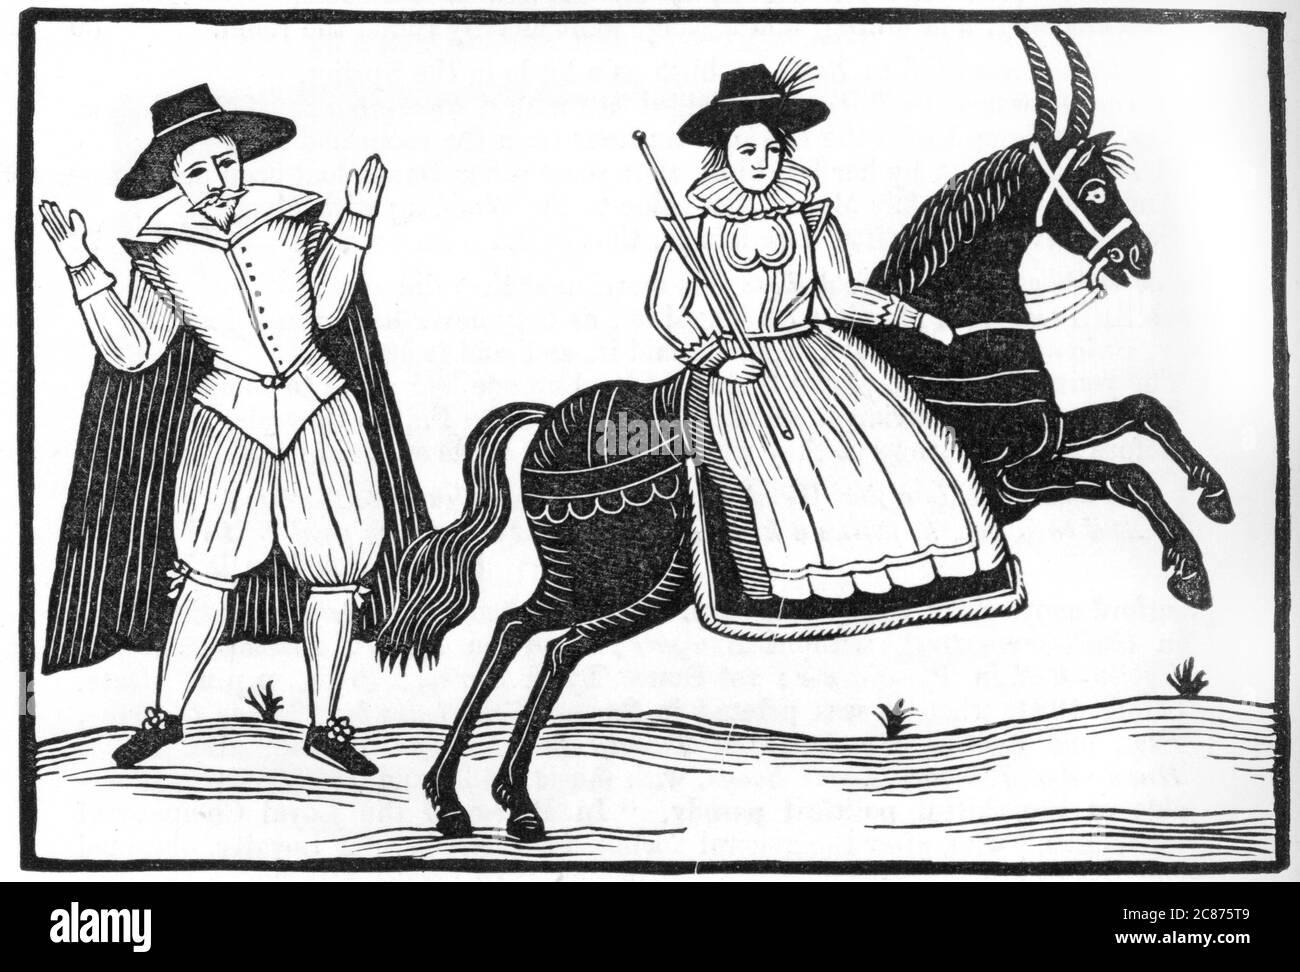 Une dame qui fait du dérapage entraîne un monsieur à lever les mains - mais que ce soit à ses compétences d'équitation, sa beauté ou son imprudence, qui sait ? Date: Vers 1660 Banque D'Images